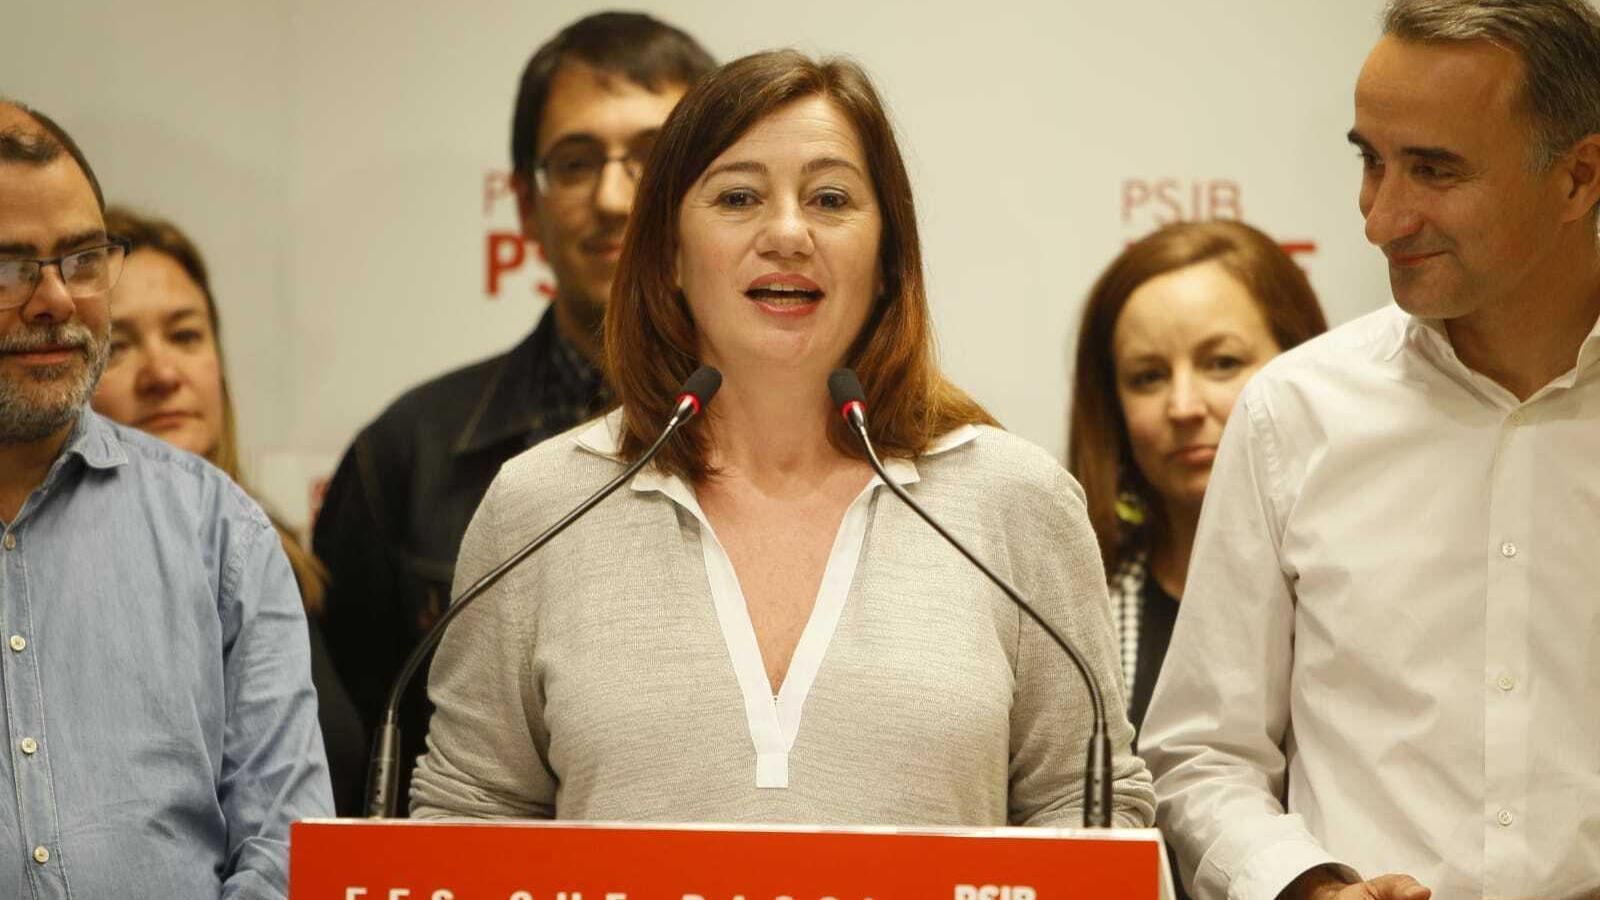 La secretària general del PSIB, Francina Armengol, ha comparegut poc després de les 23 hores.